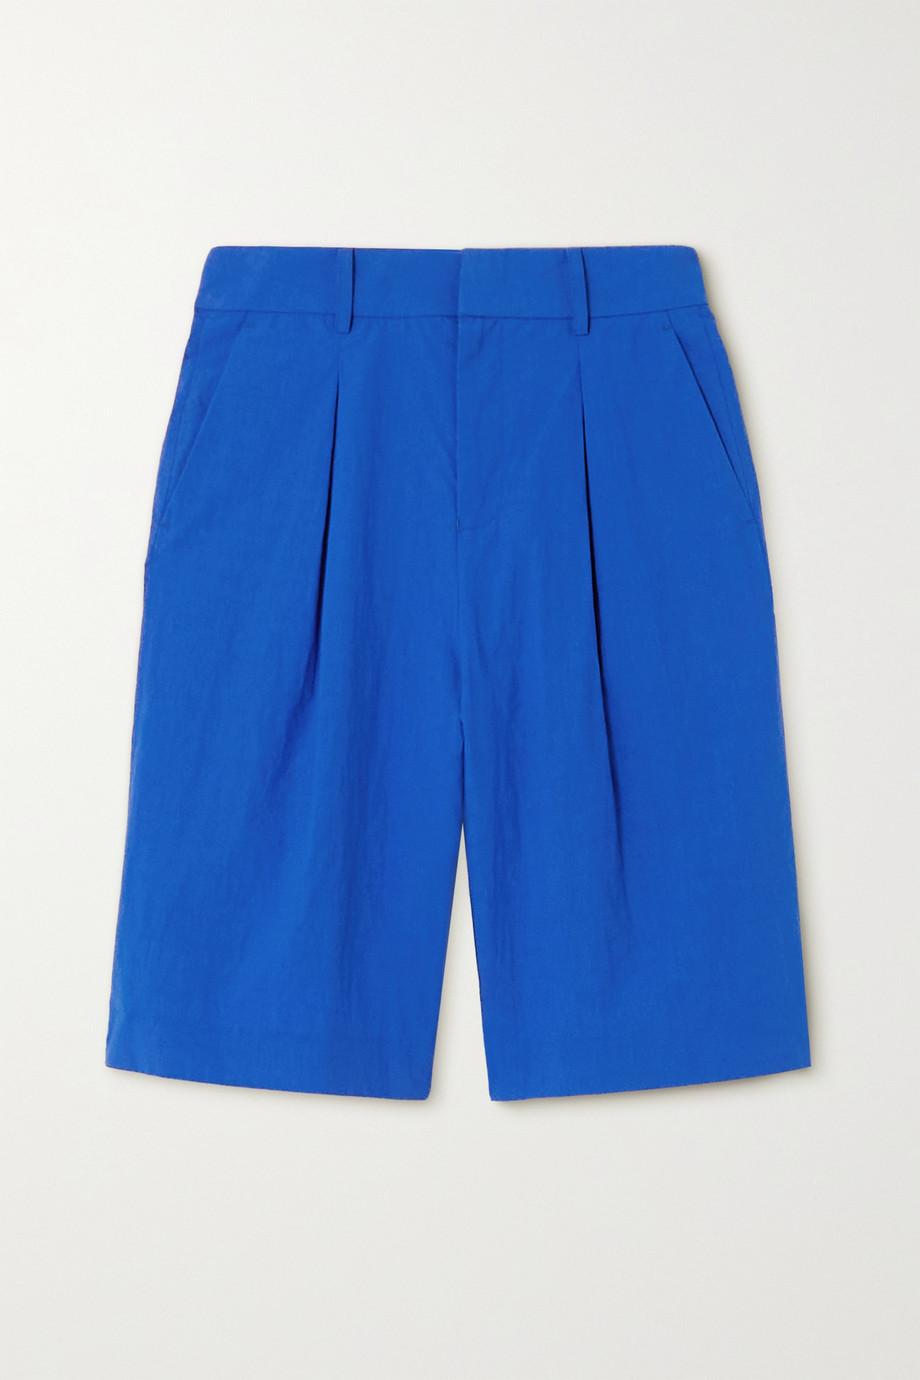 Jason Wu Pleated crinkled-cotton shorts